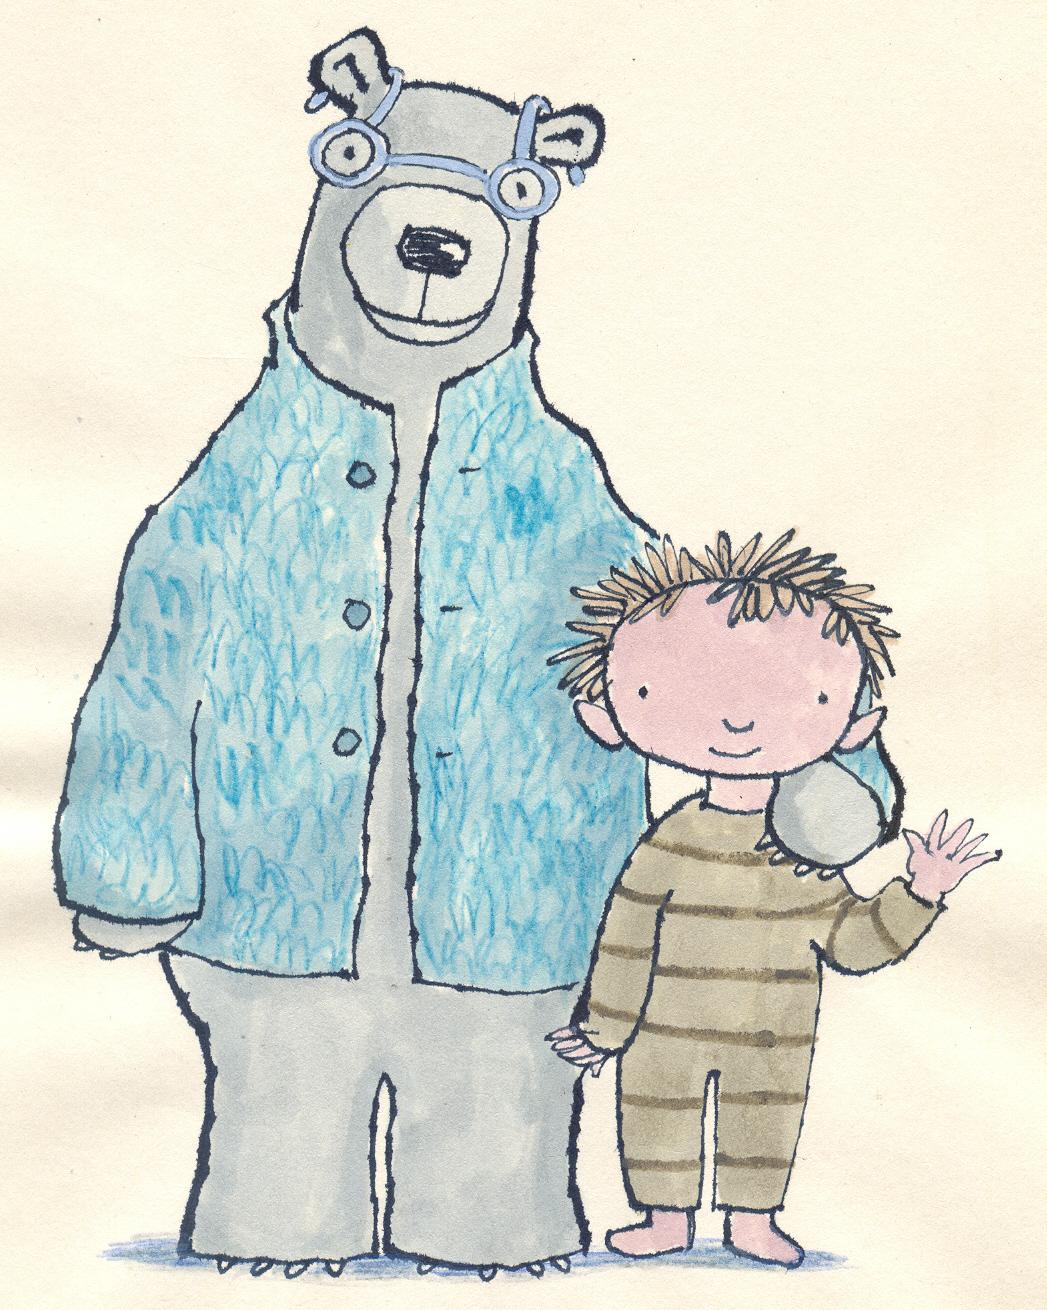 Bamse en zijn vriend Oudebeer samen